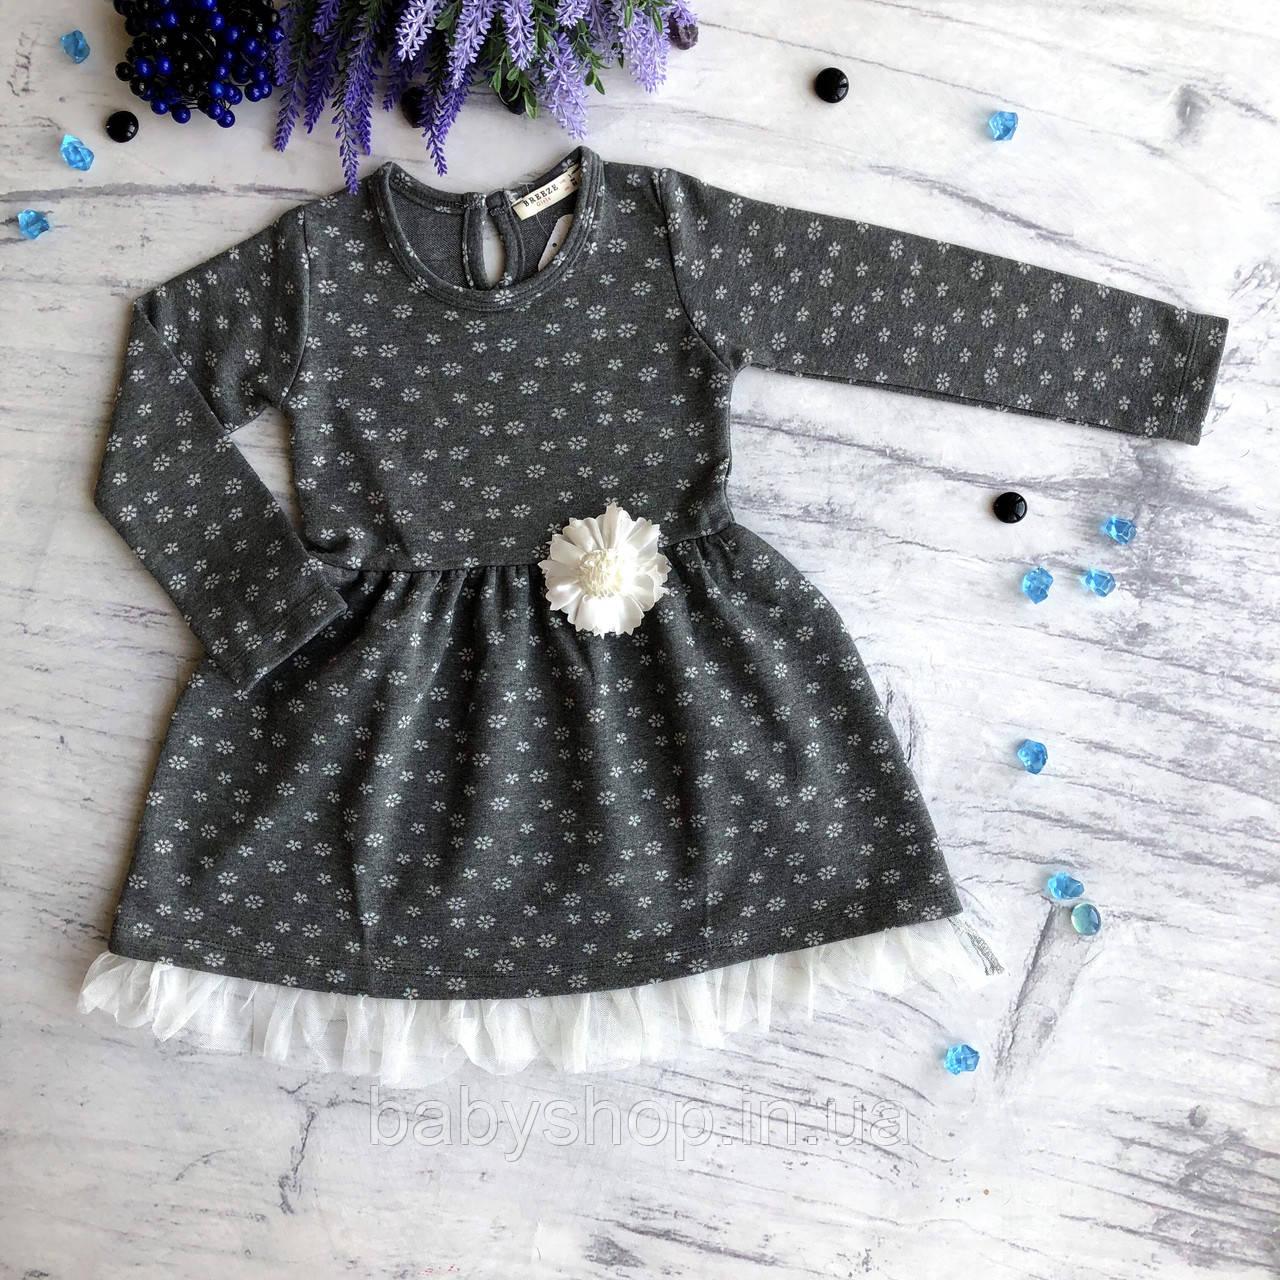 Теплое детское платье Breeze 2. Размер 104 см(4года),110 см(5лет),116 см (6лет), 122 см (7лет)